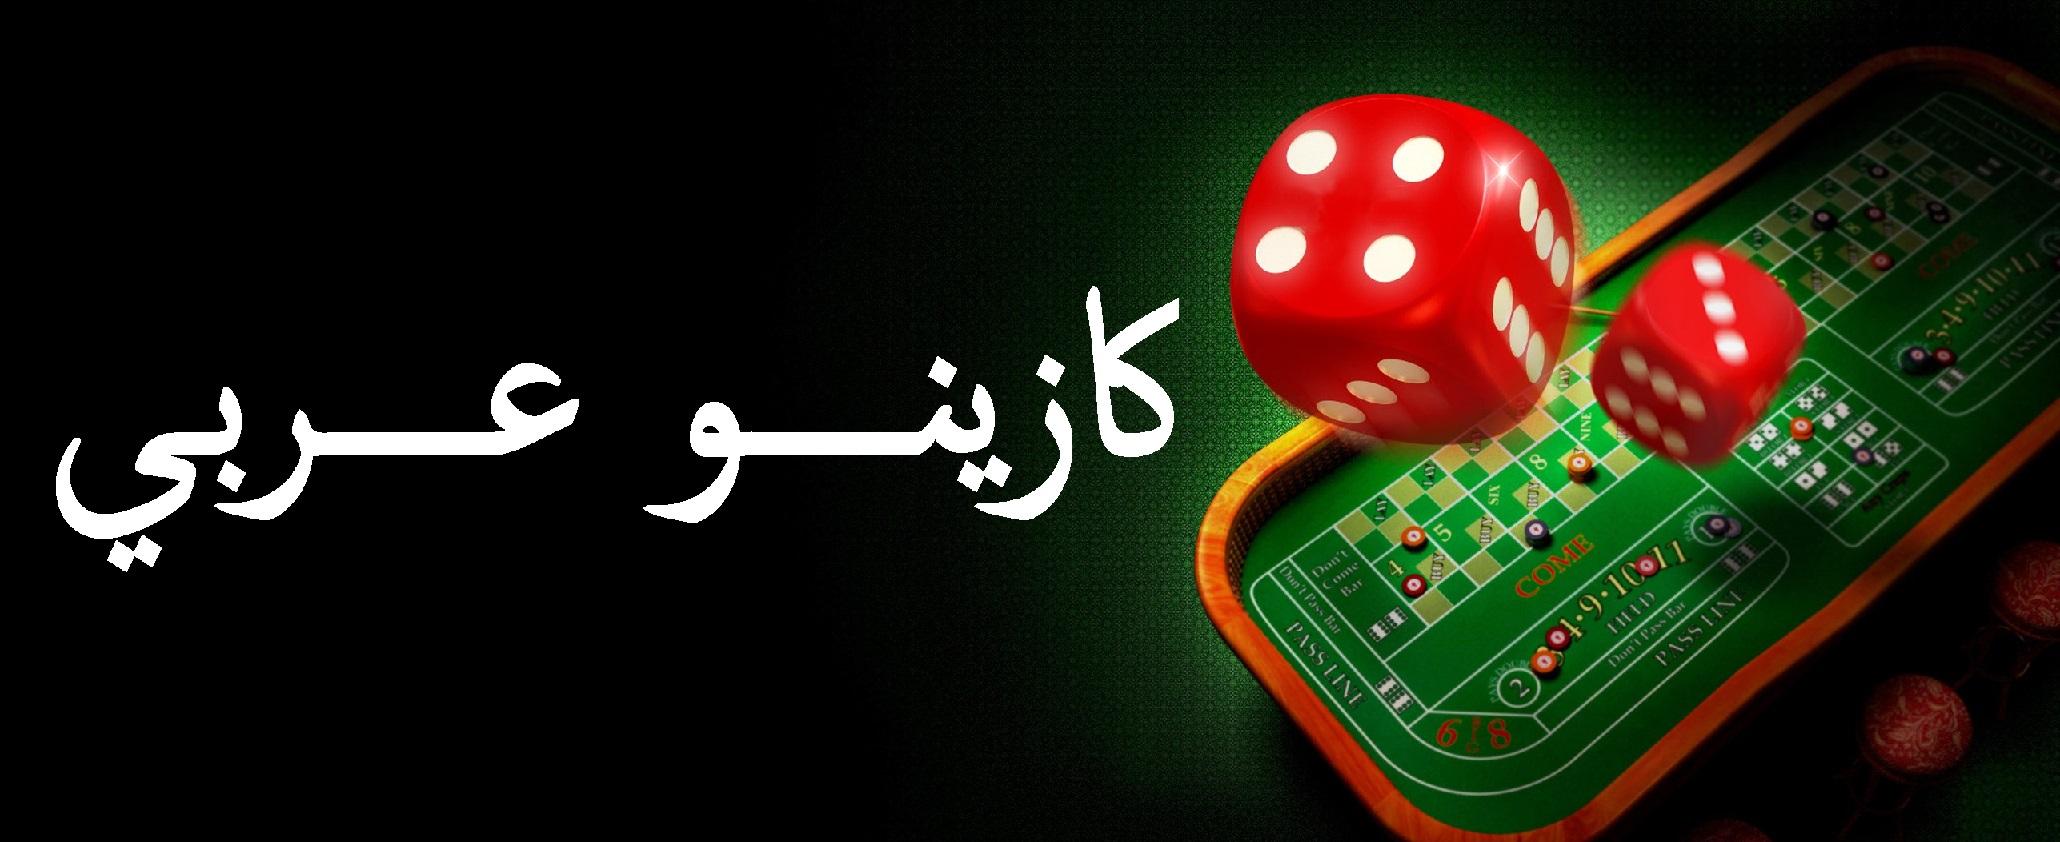 إلعب بالمجان - 37822